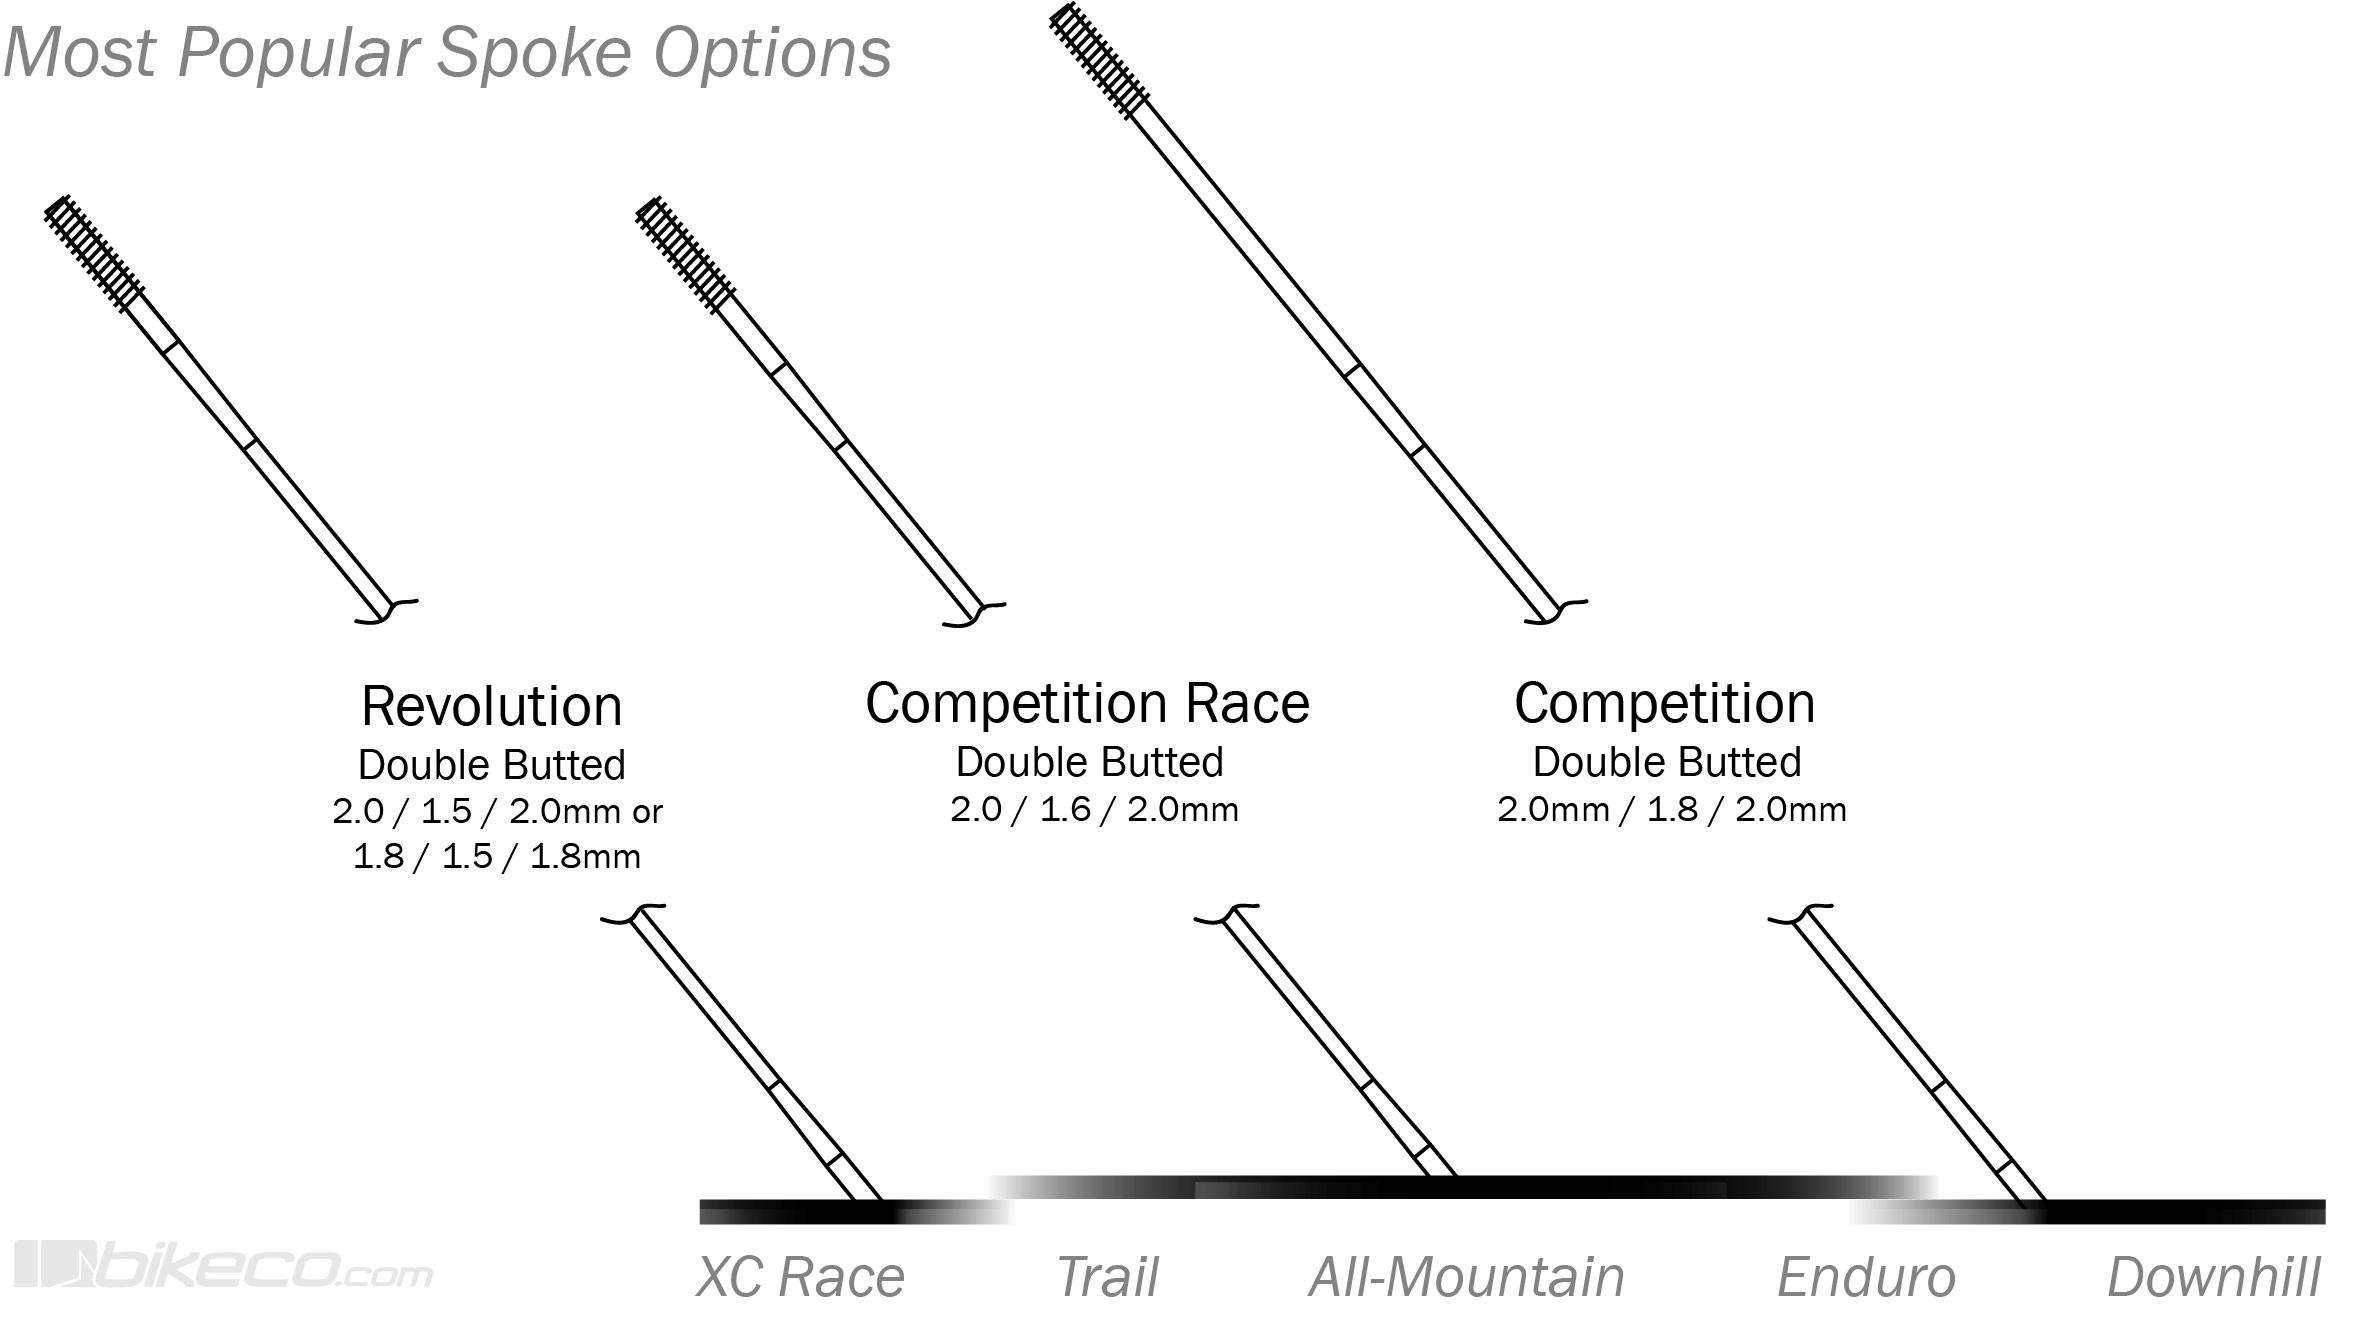 DT Swiss Spoke Comparison Revolution Competition Race Competition